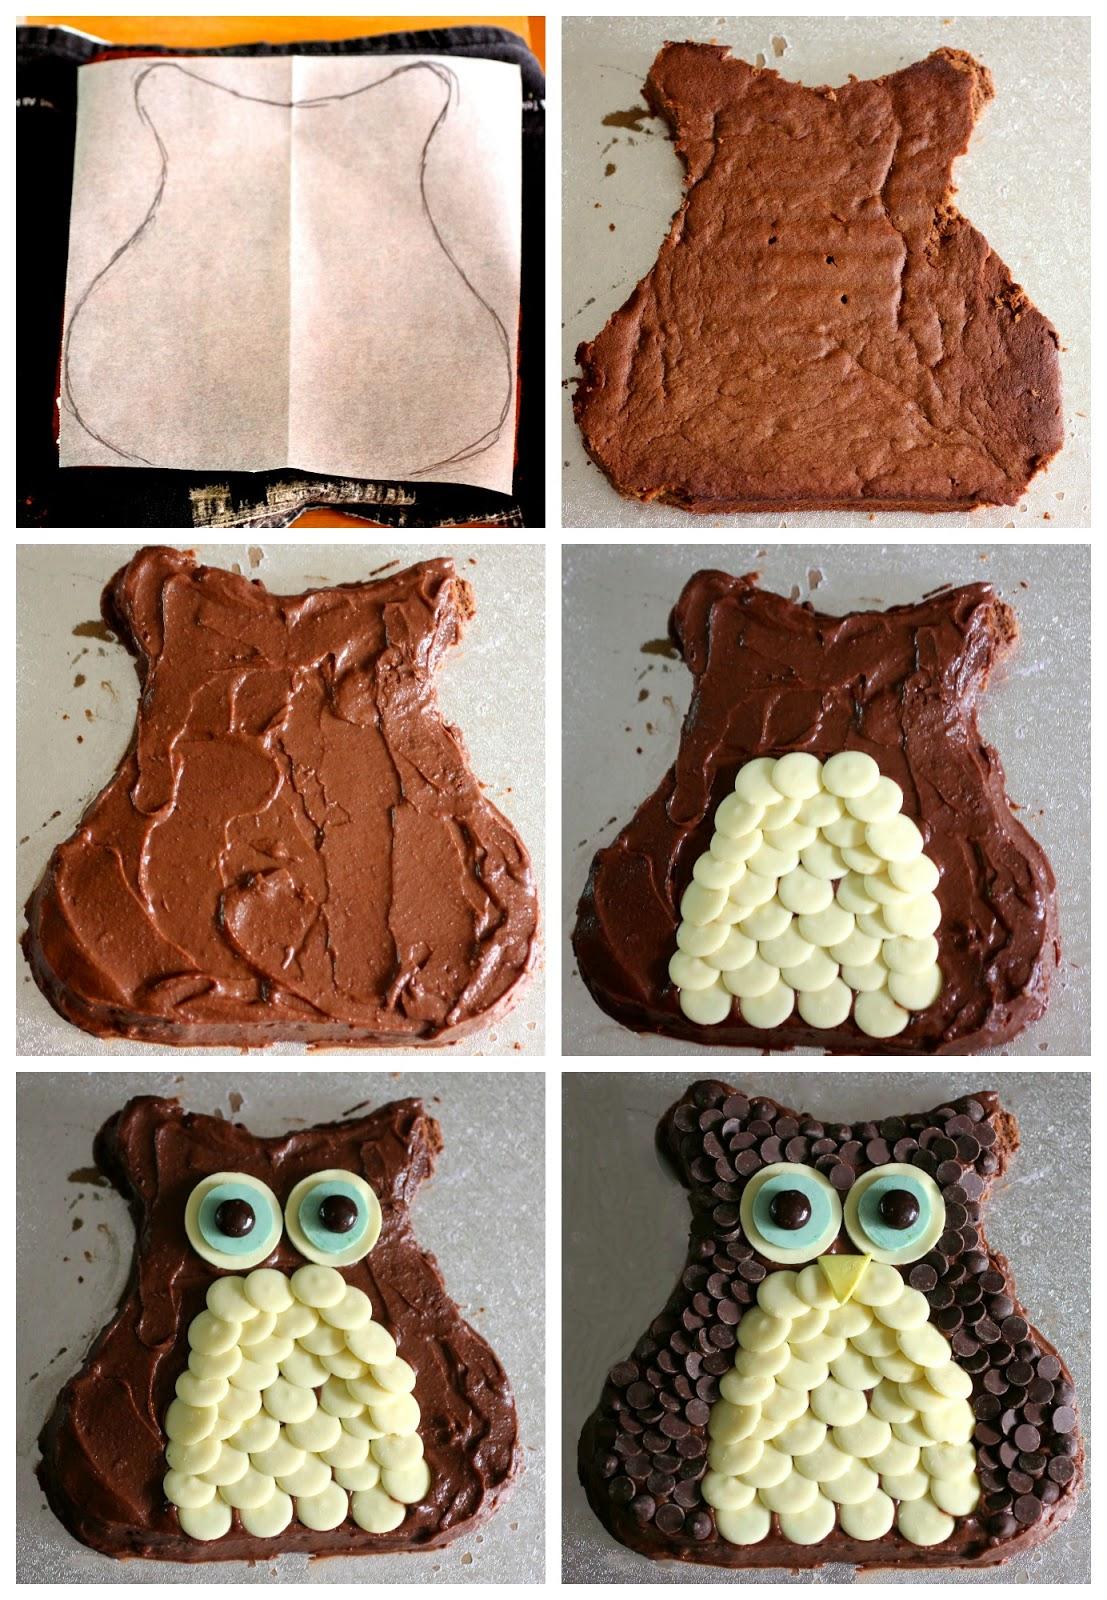 Торт в виде совы, украшенный шоколадными капельками